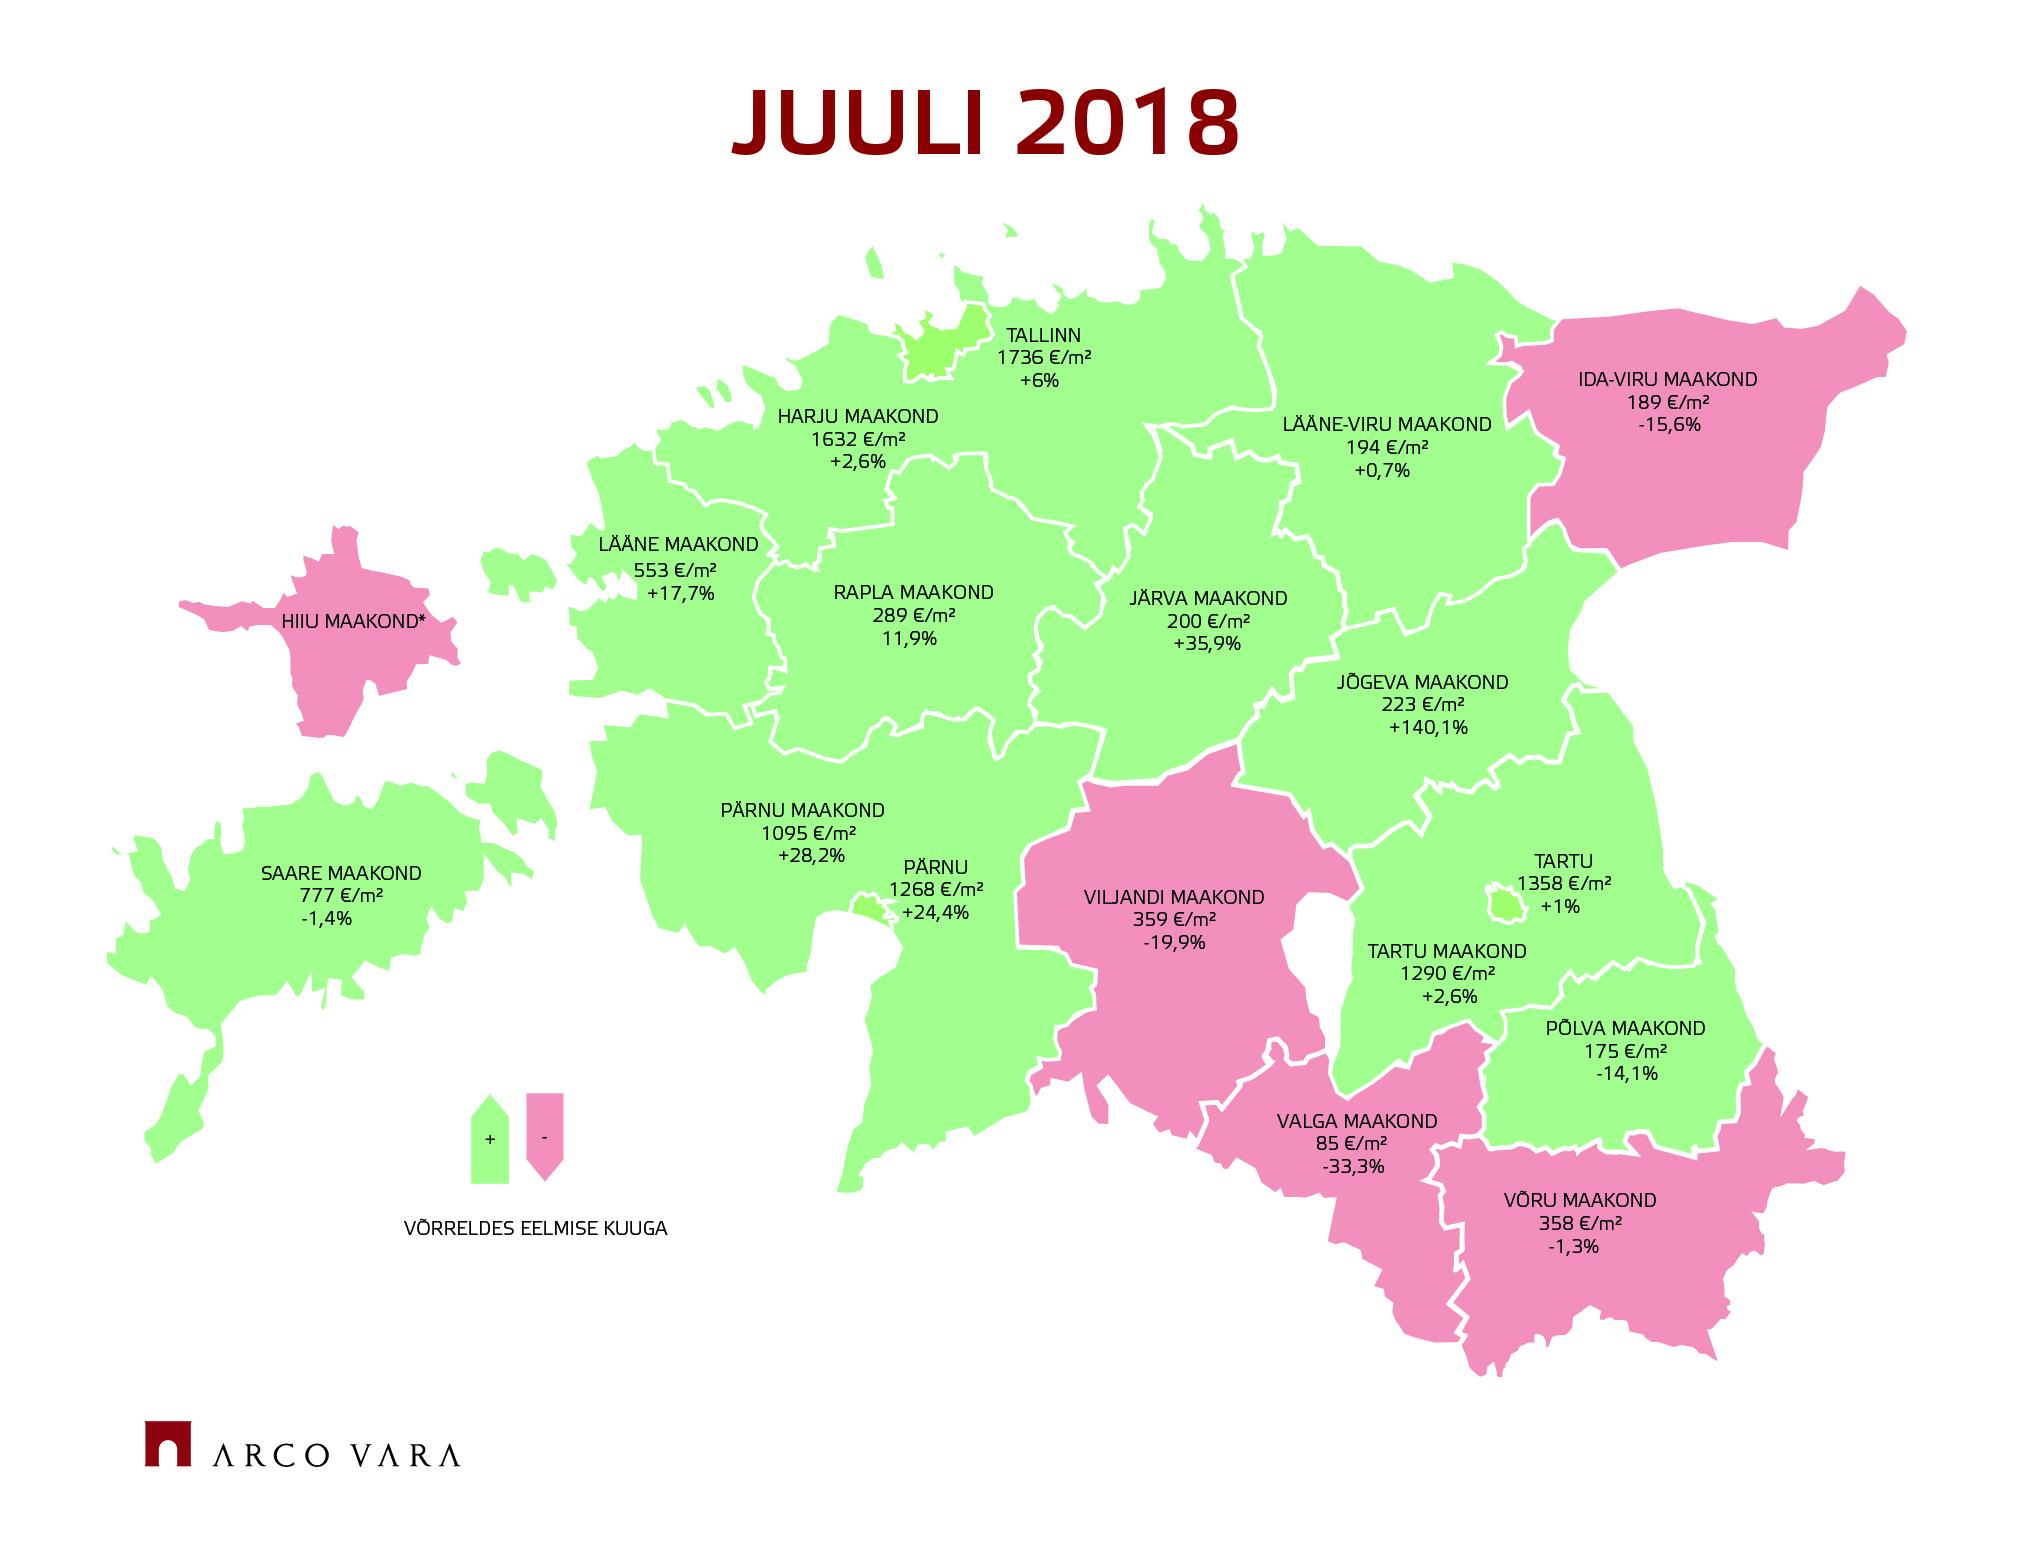 180810 Eesti kinnisvaraturu juulikuu lühiülevaade 4